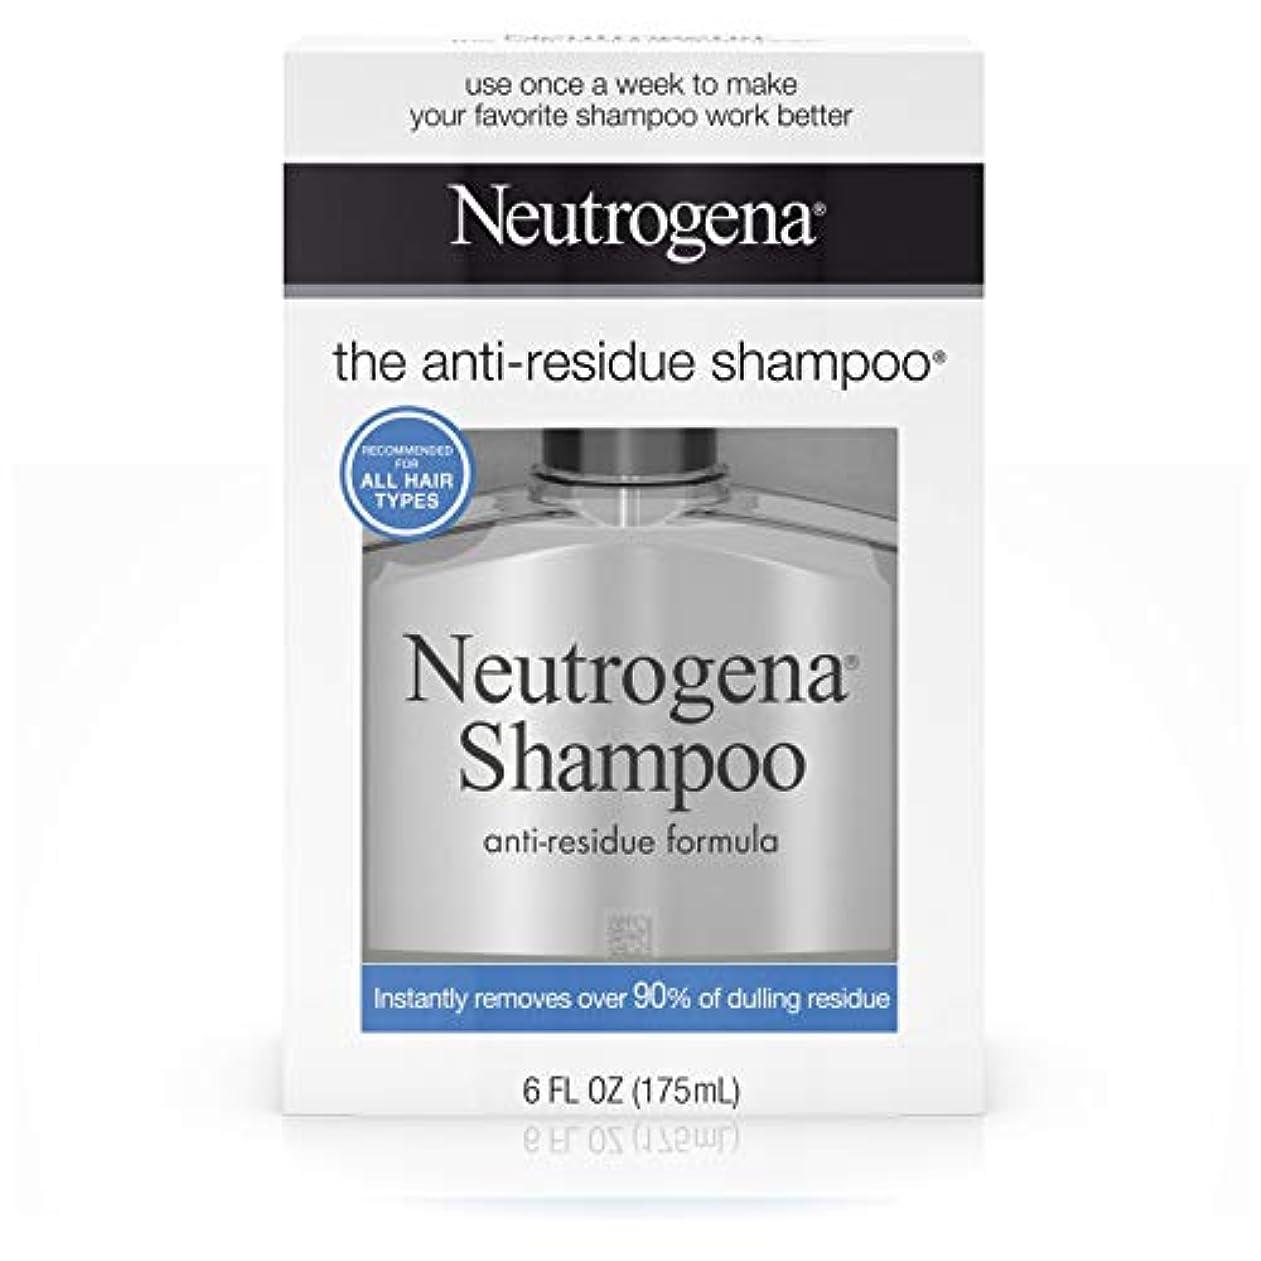 フリース明るくする脳Neutrogena Shampoo Anti-Residue Formula 175 ml (並行輸入品)